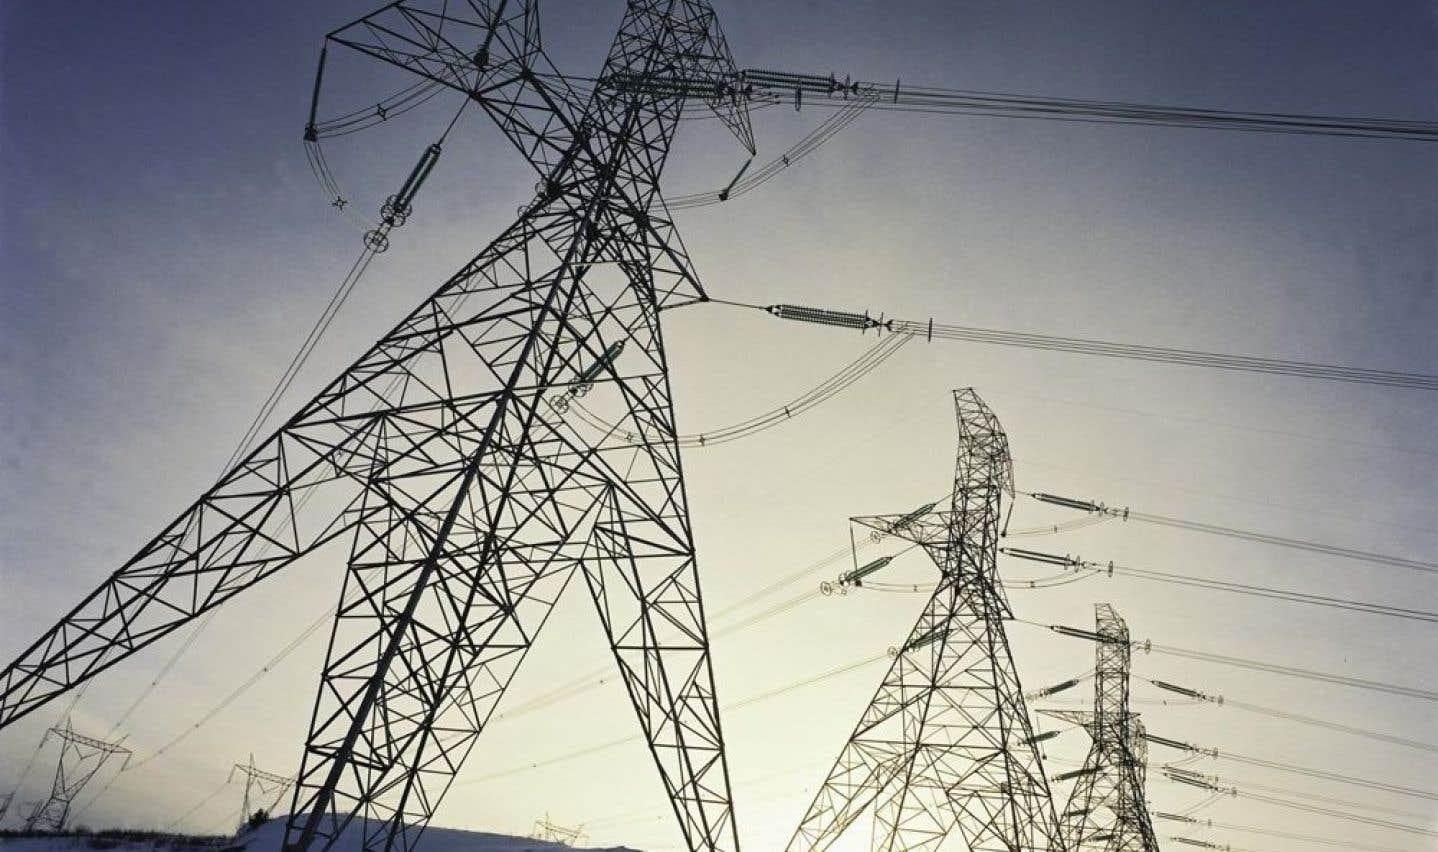 Marois veut se servir des surplus d'électricité pour attirer des investissements